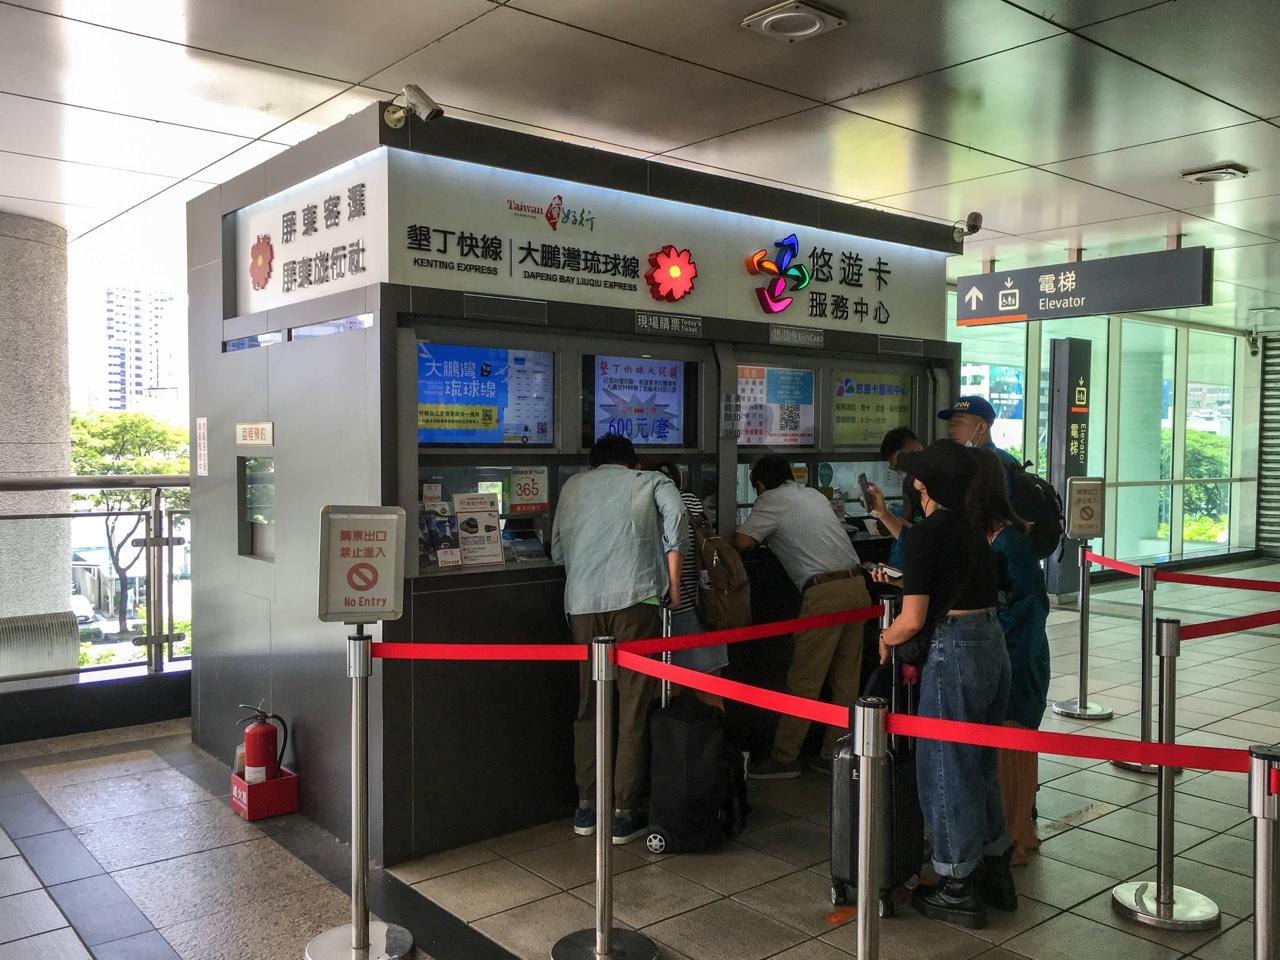 墾丁快線/大鵬灣琉球線チケットカウンター